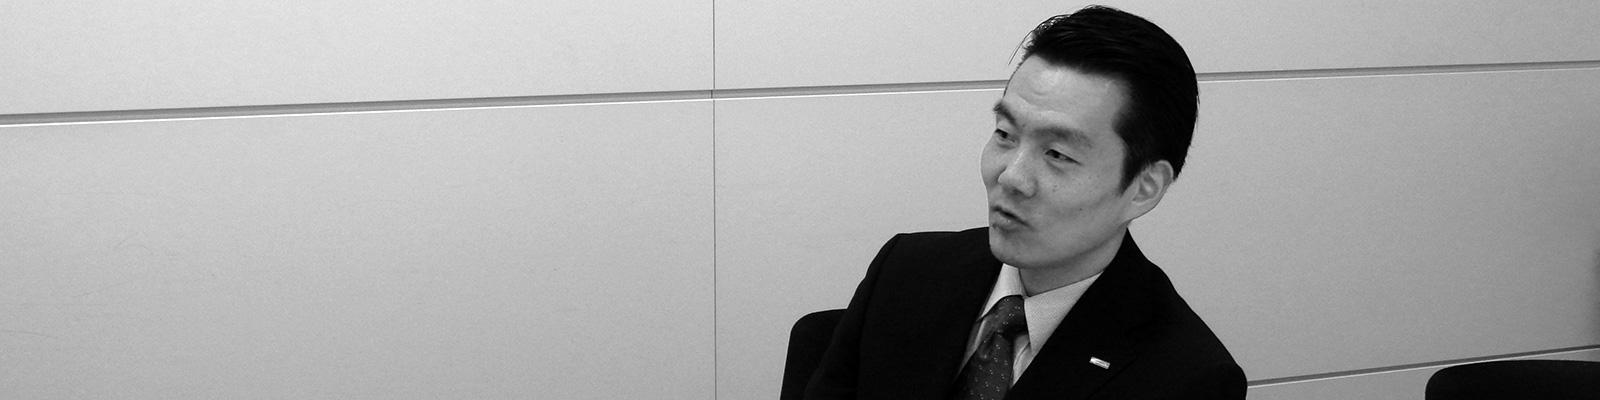 境野 哲(さかいの・あきら)NTTコミュニケーションズ株式会社 技術開発部 IoTクラウド戦略ユニット/経営企画部 IoT推進室 兼務。IoT・エバンジェリスト